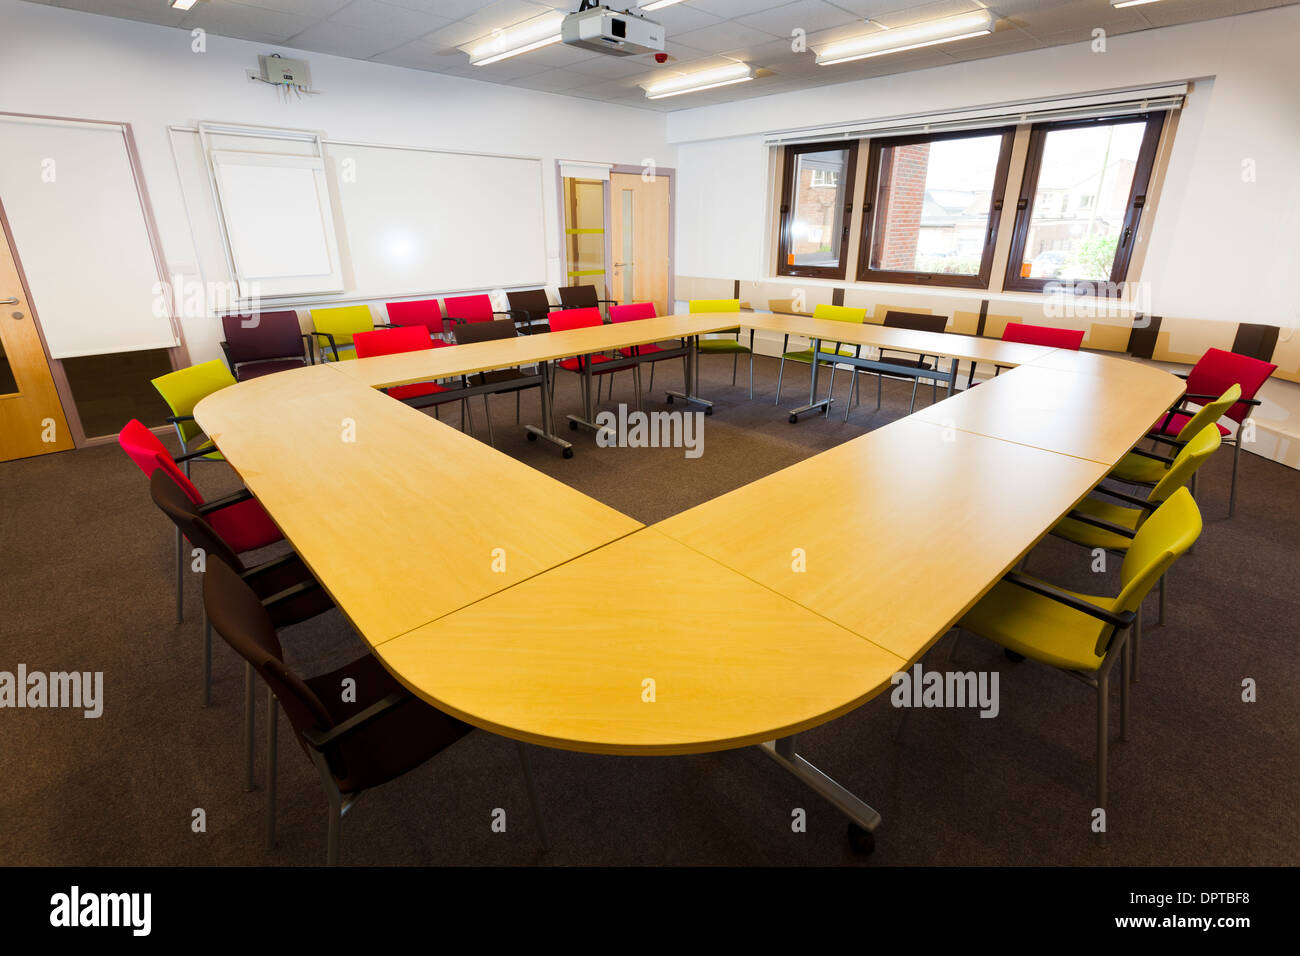 Conferenza non occupato layout tabella in ufficio. Immagini Stock